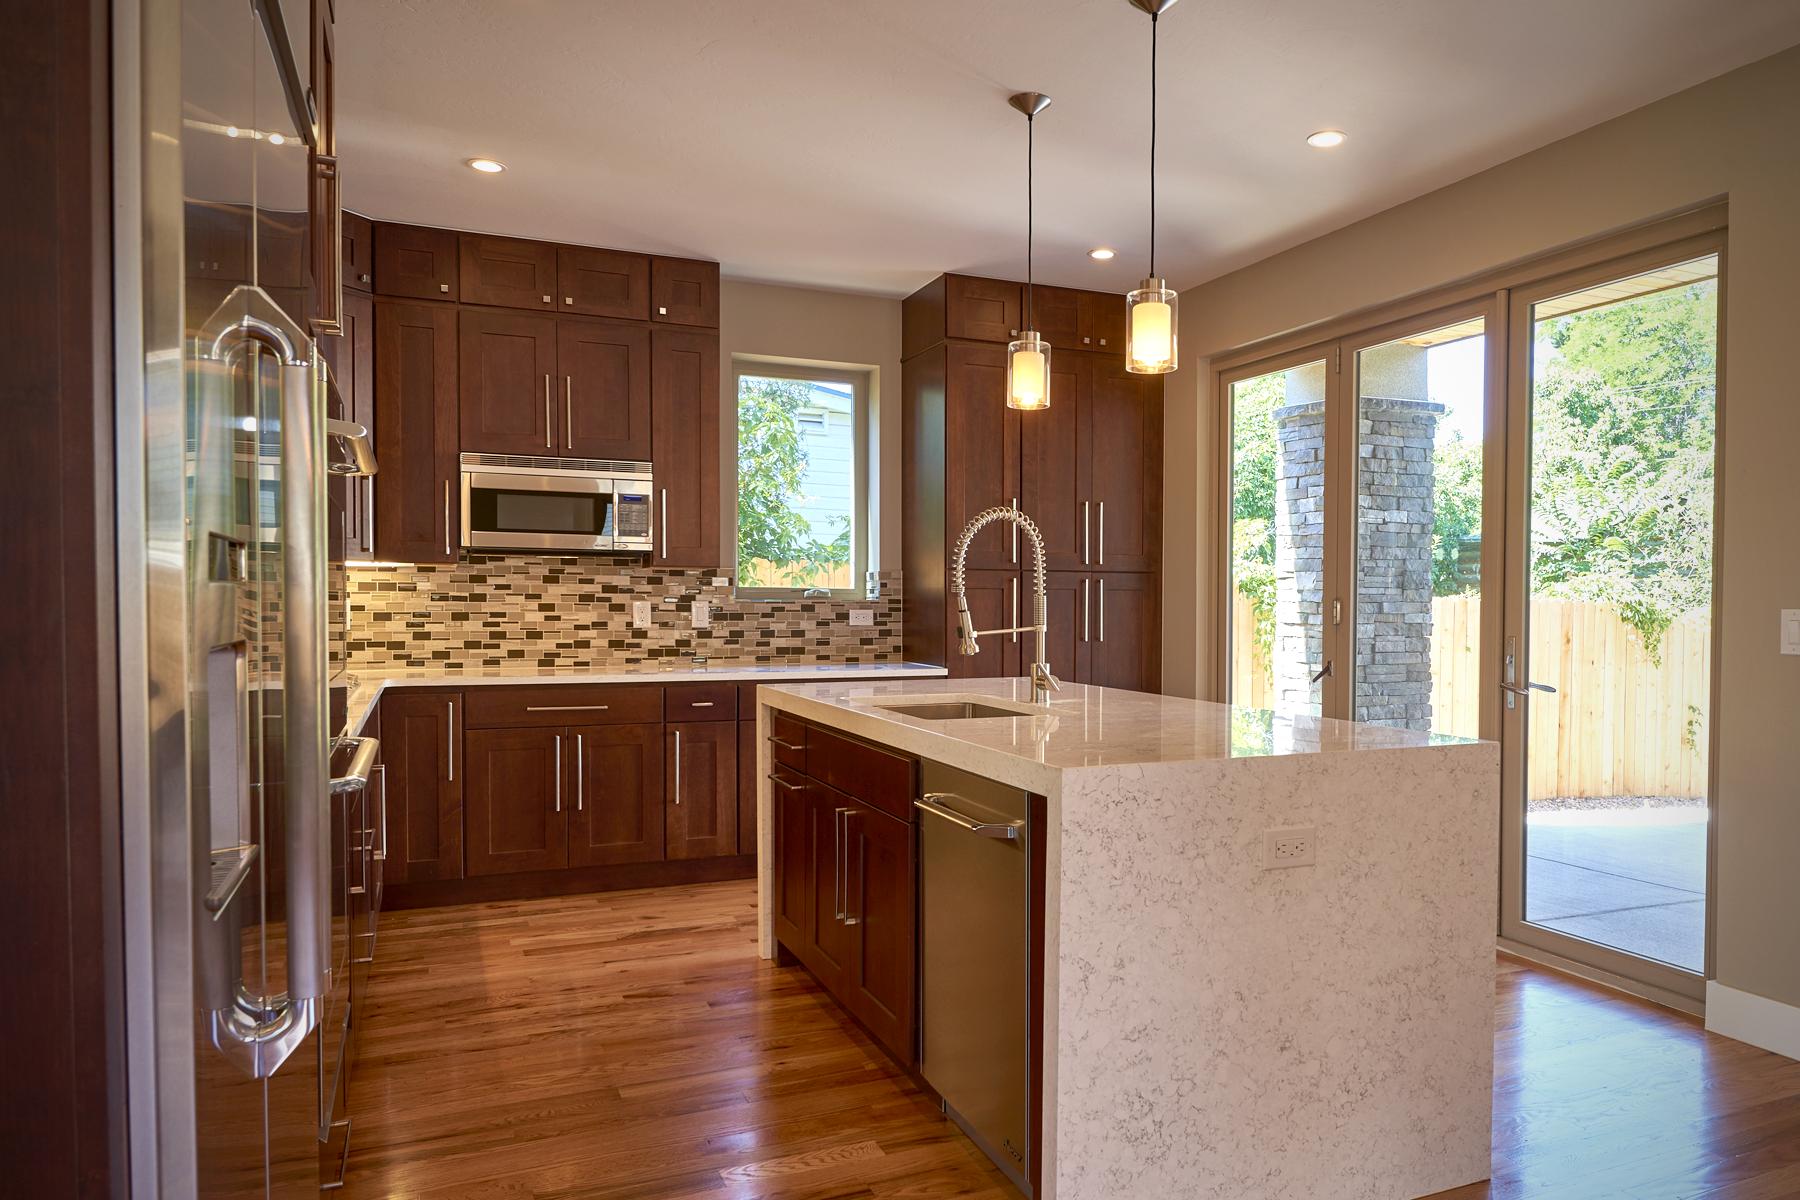 Interior_Kitchen1.png